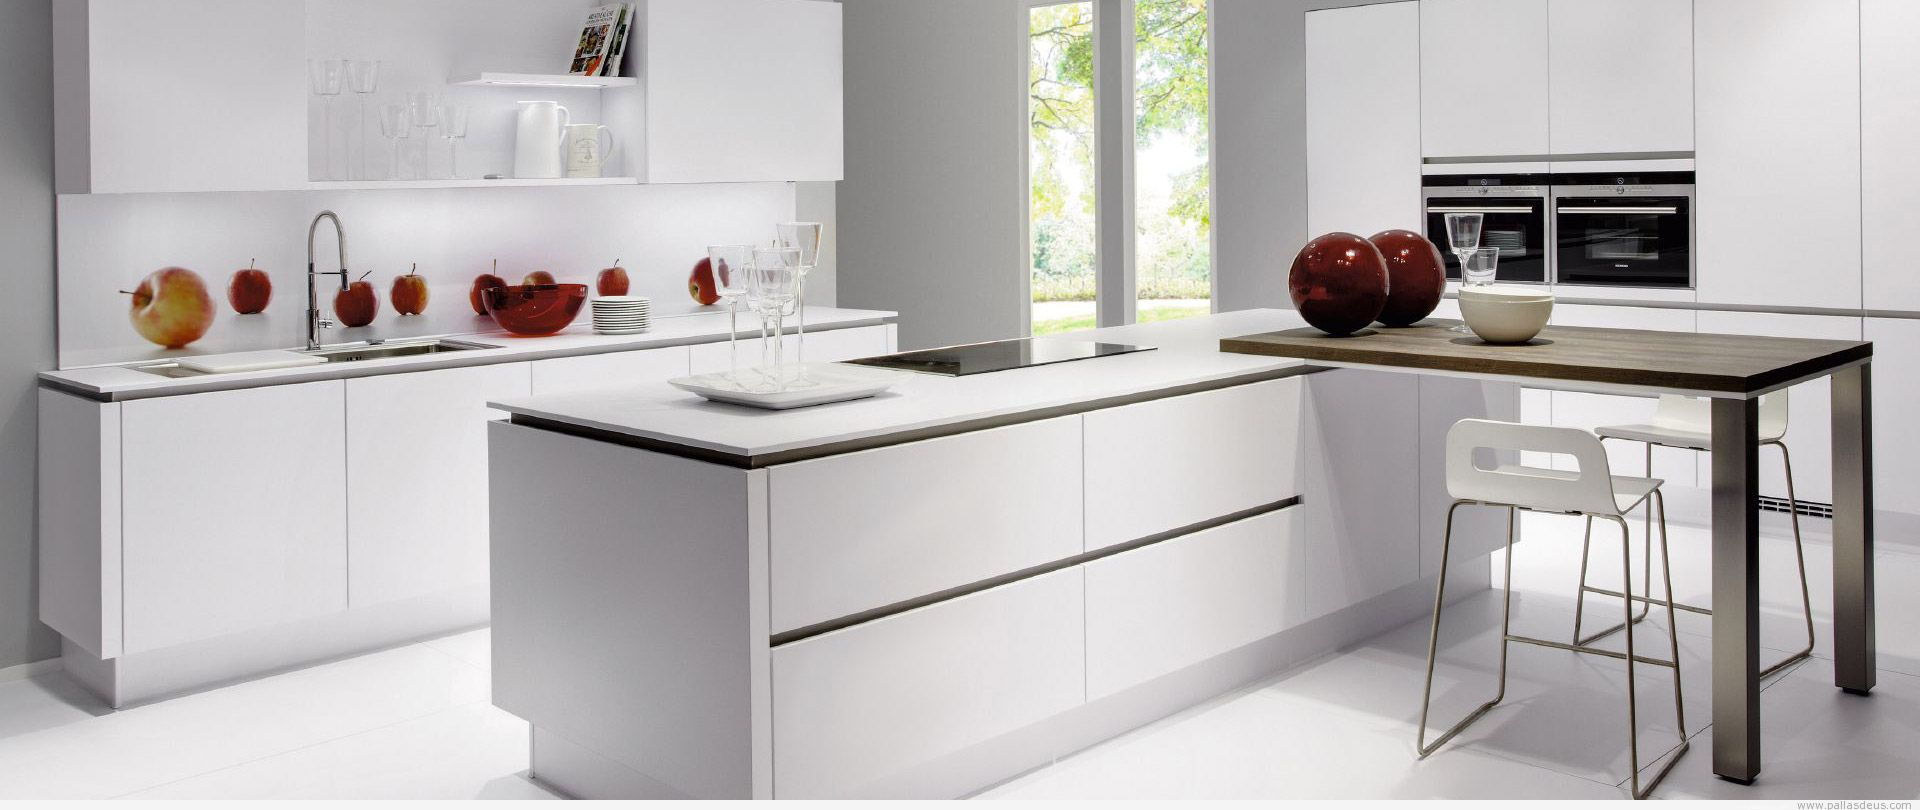 Montadores de muebles de cocina carpinter a pallas deus - Montadores de cocinas ...